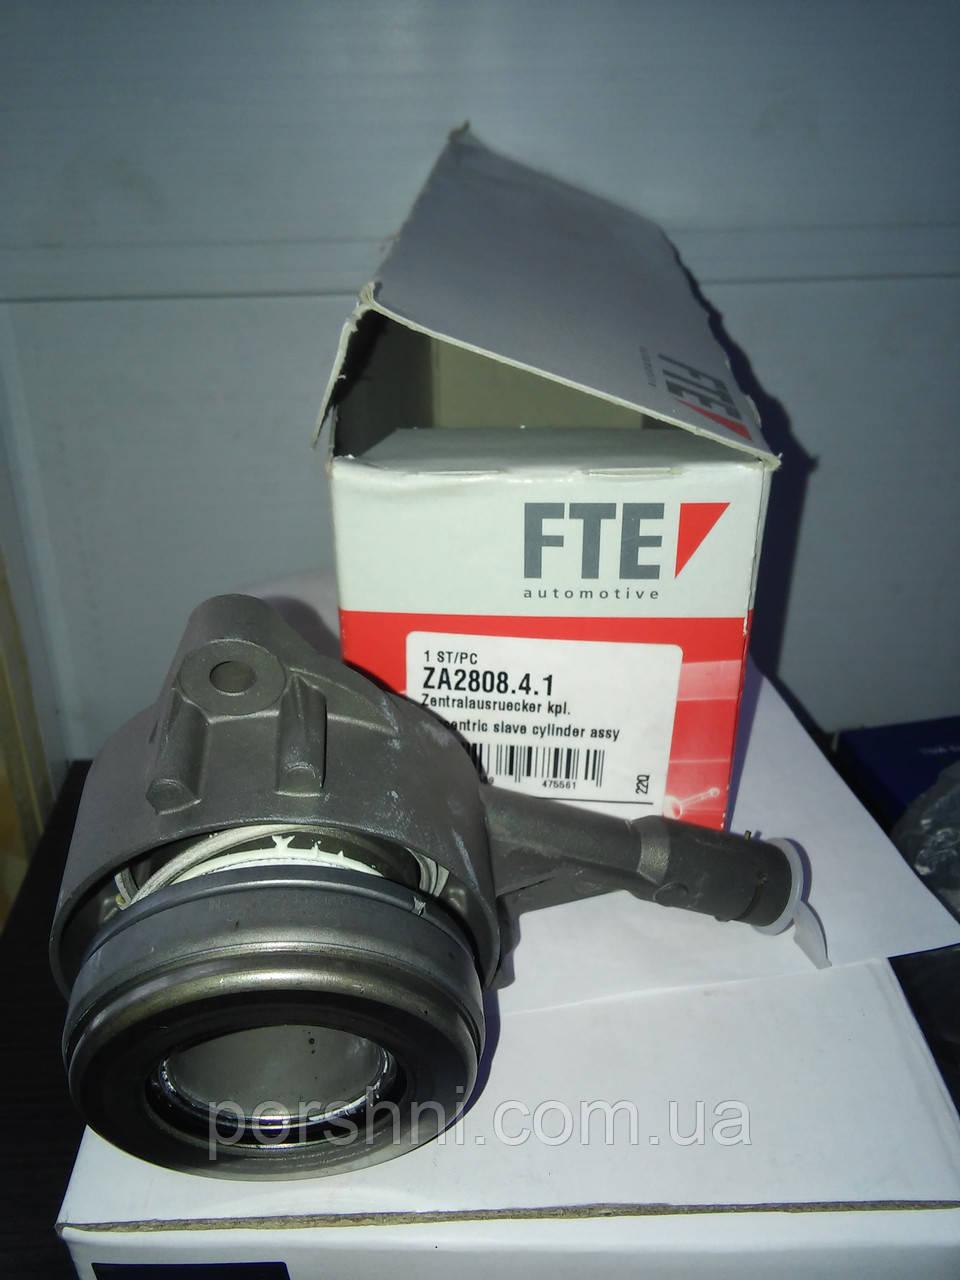 Підшипник включення зчеплення Ford Тransit 2006 -- V347 2.4 - 3.2 6 ступ коробка FTE ZA2808.4.1